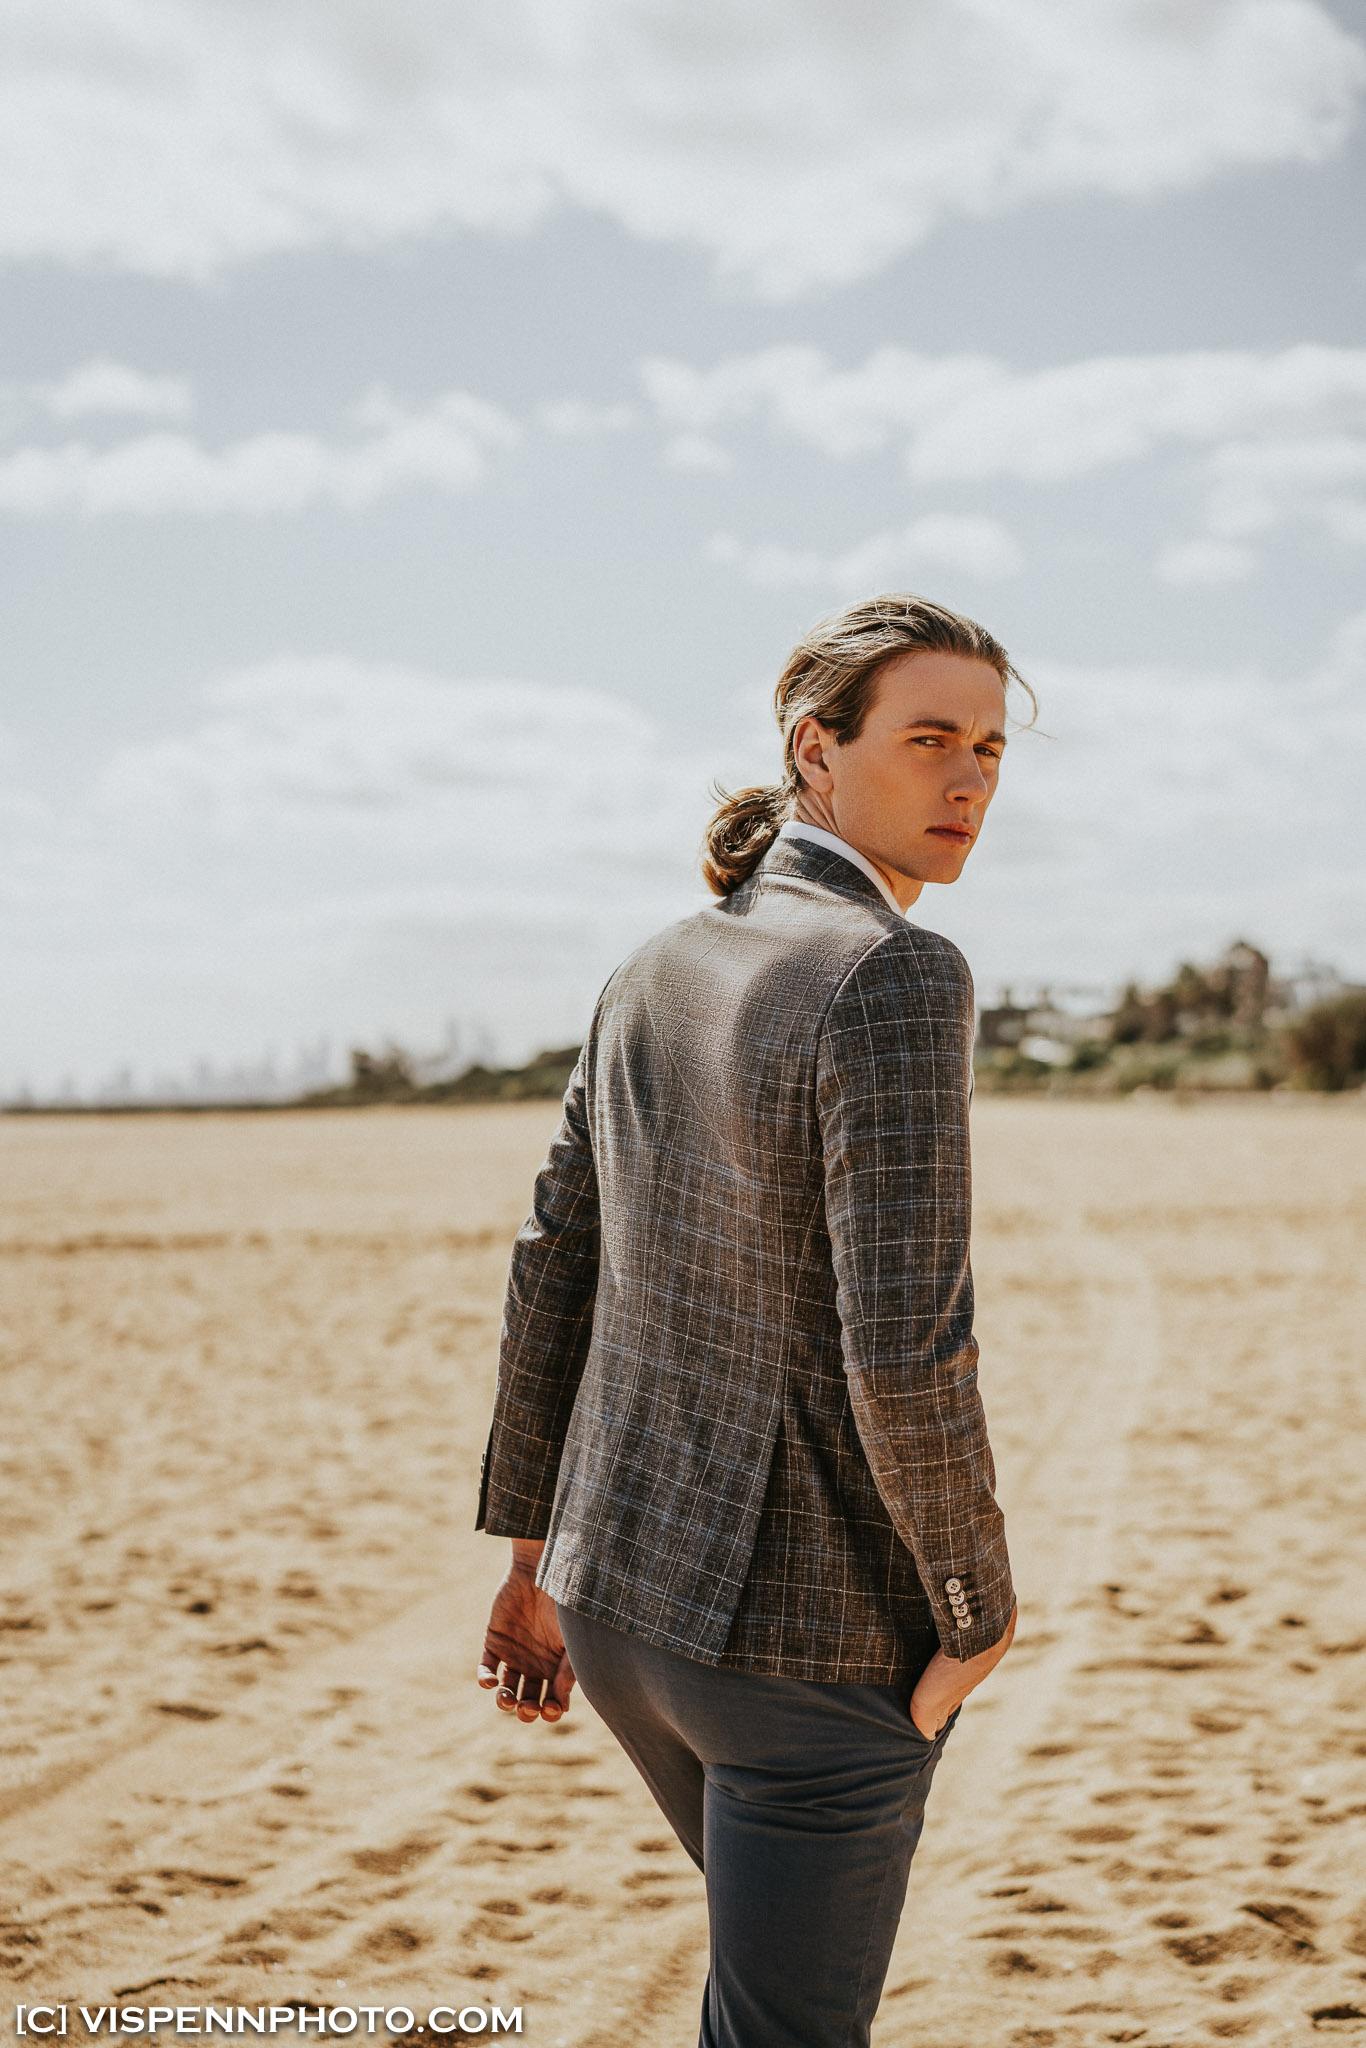 Melbourne Fashion Portrait Commercial Photography VISPENN 墨尔本 服装 商业 人像 摄影 GV 3H 10952 VISPENN